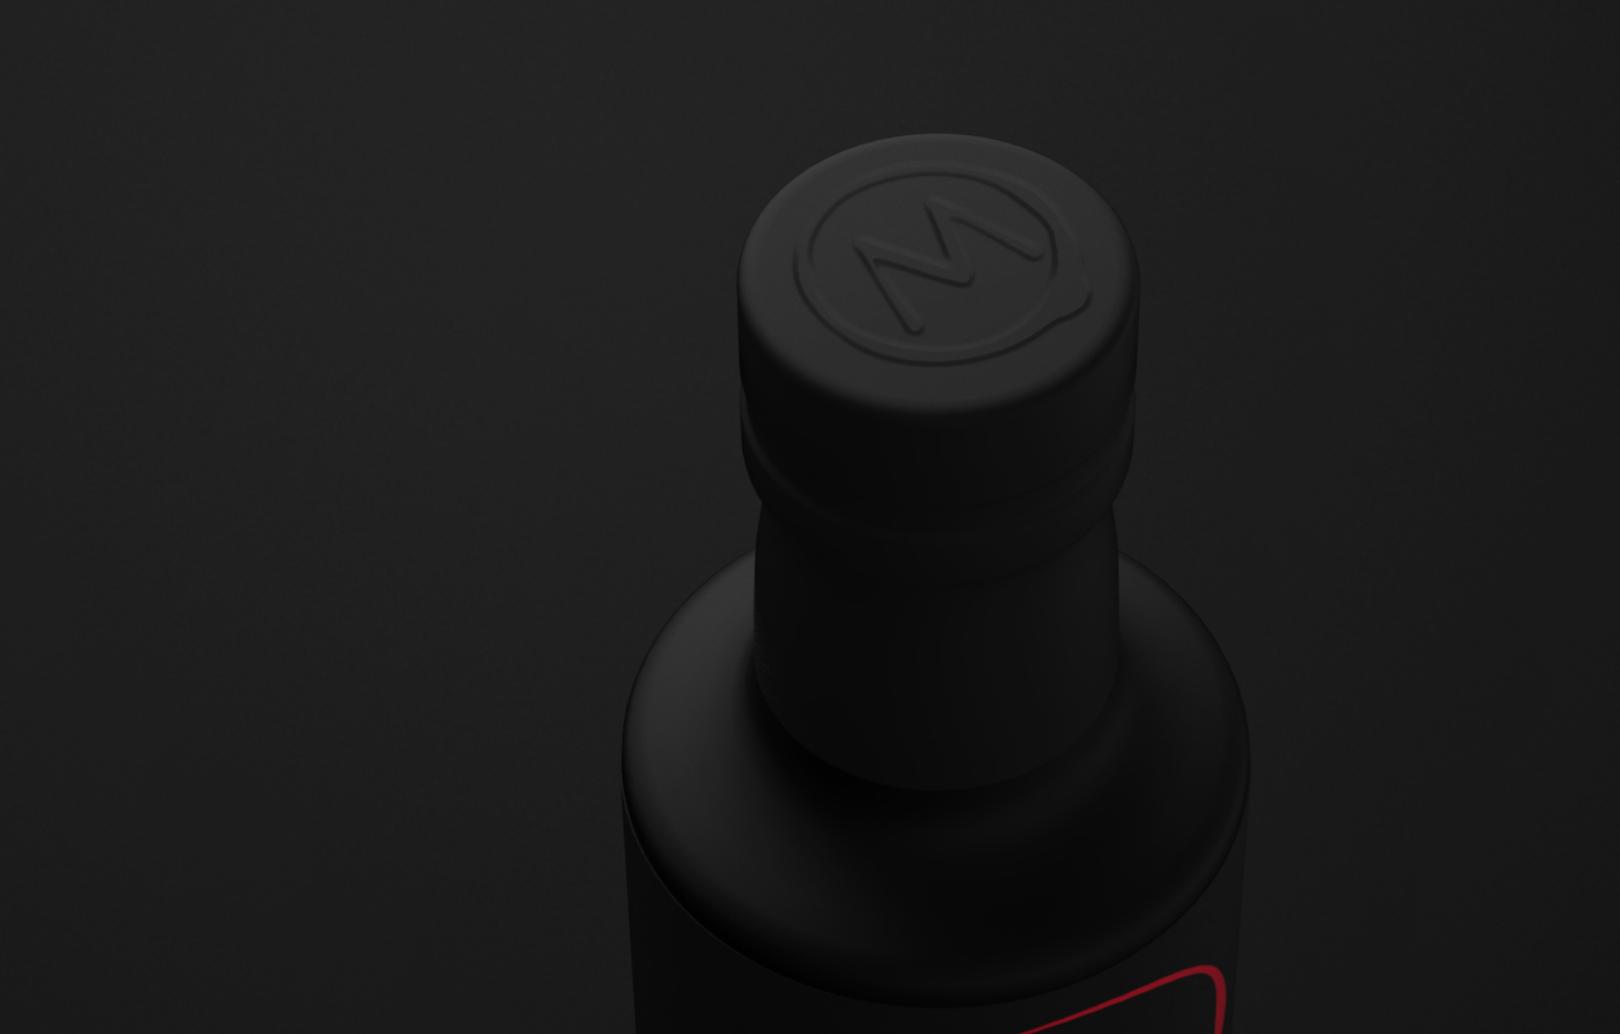 Logo on the bottle